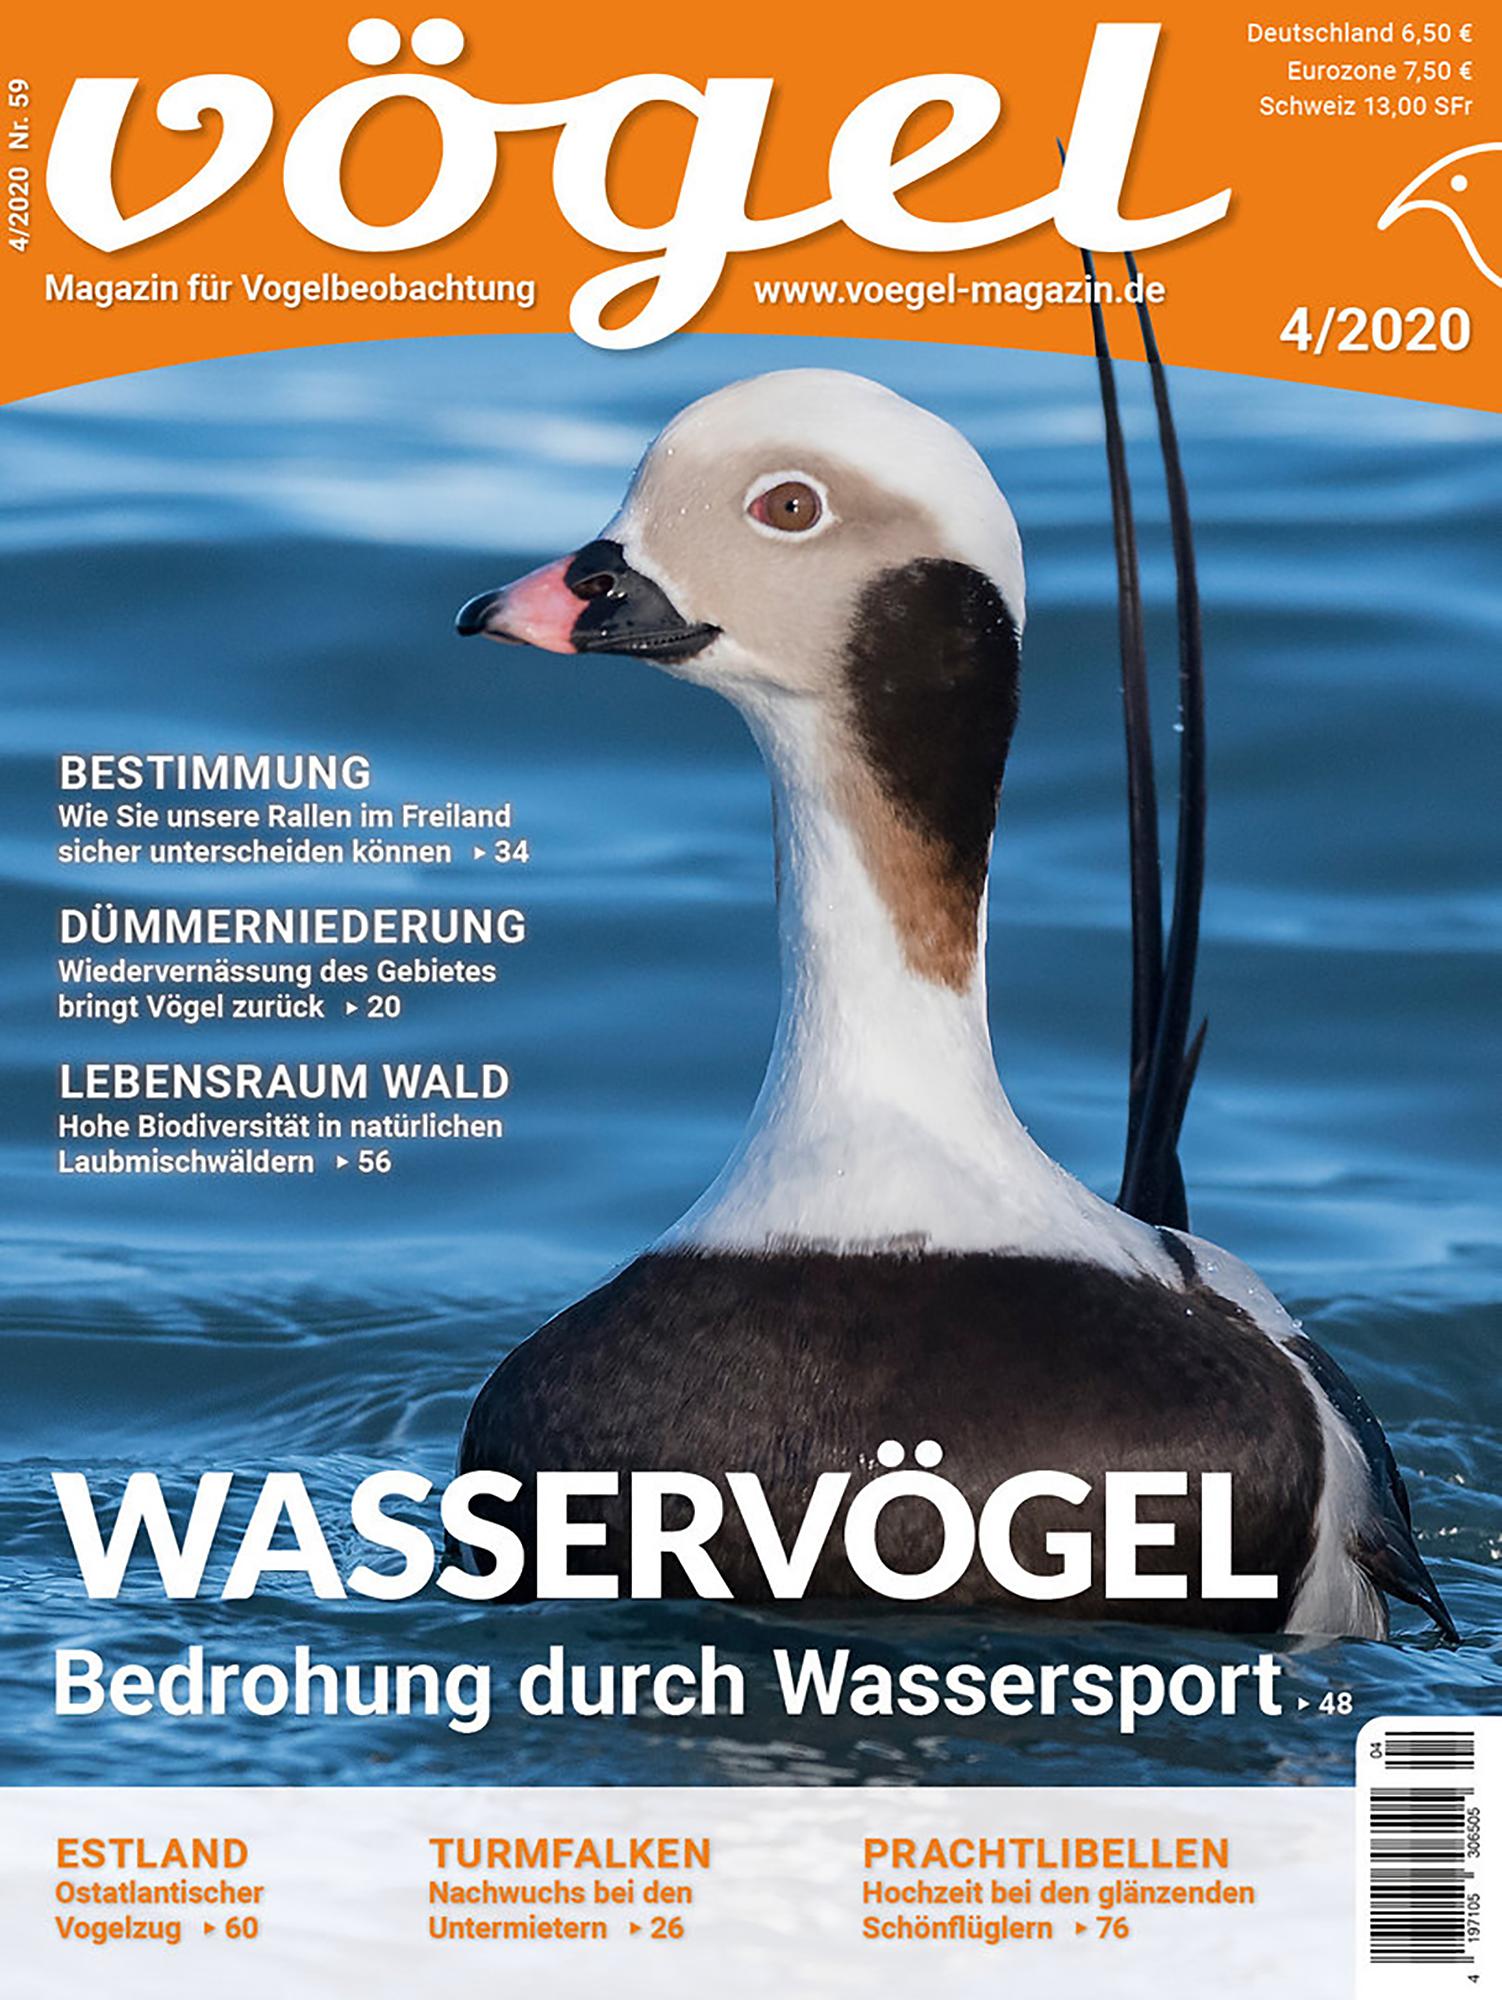 Voegel_2020-04_s01